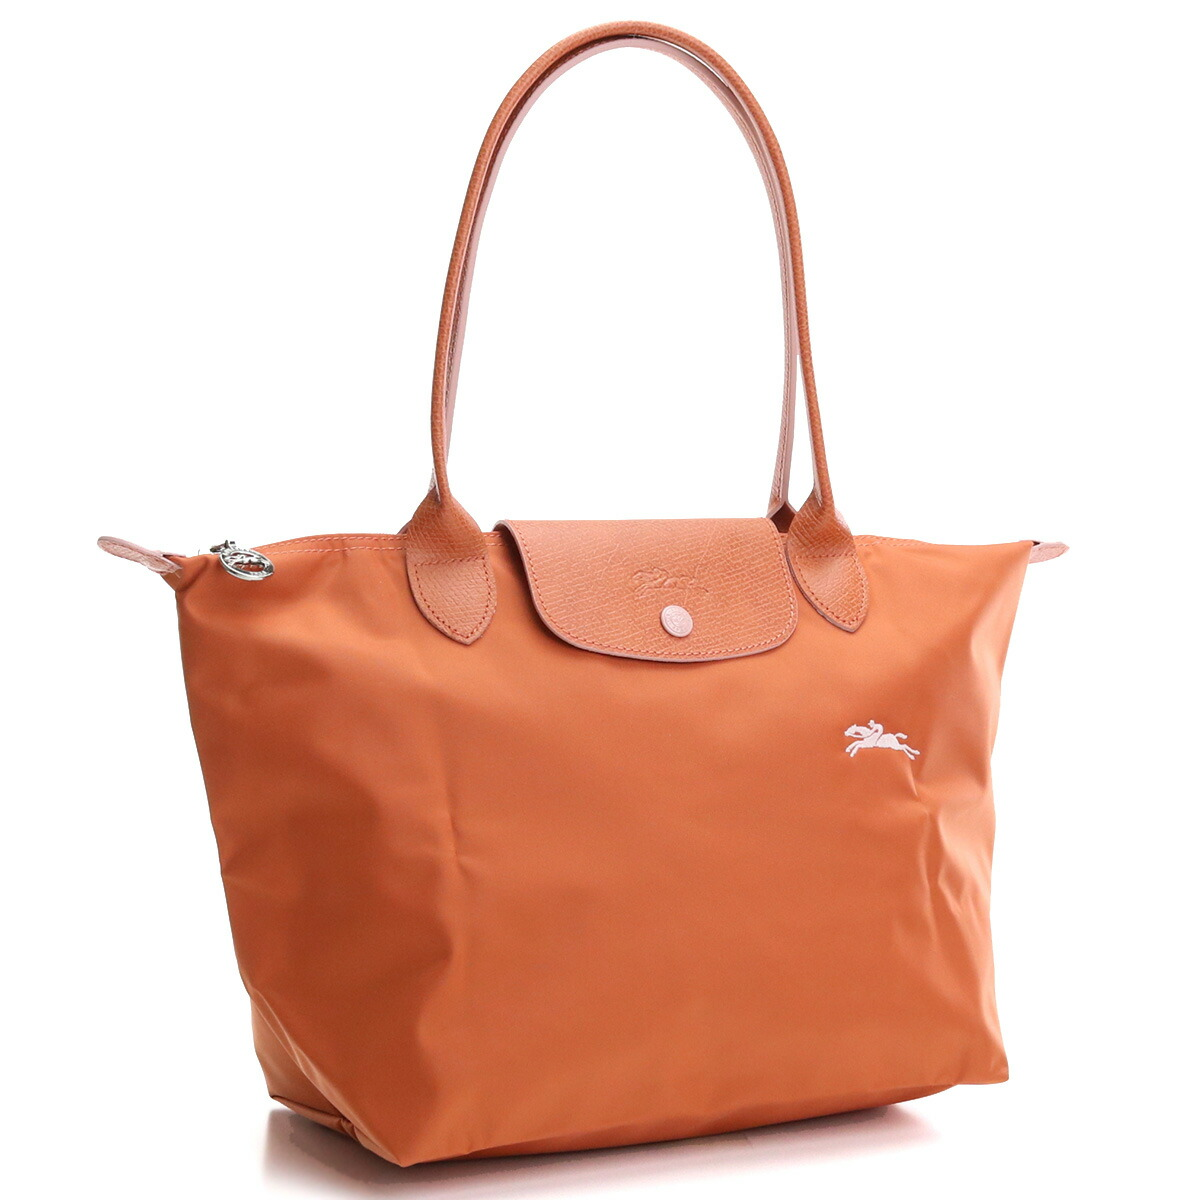 ロンシャン LONGCHAMP PLIAGE トートバッグ ブランドバッグ 2605 619 P39 ル・プリアージュ クラブ LE PLIAGE CLUB  bag-01 colo-01